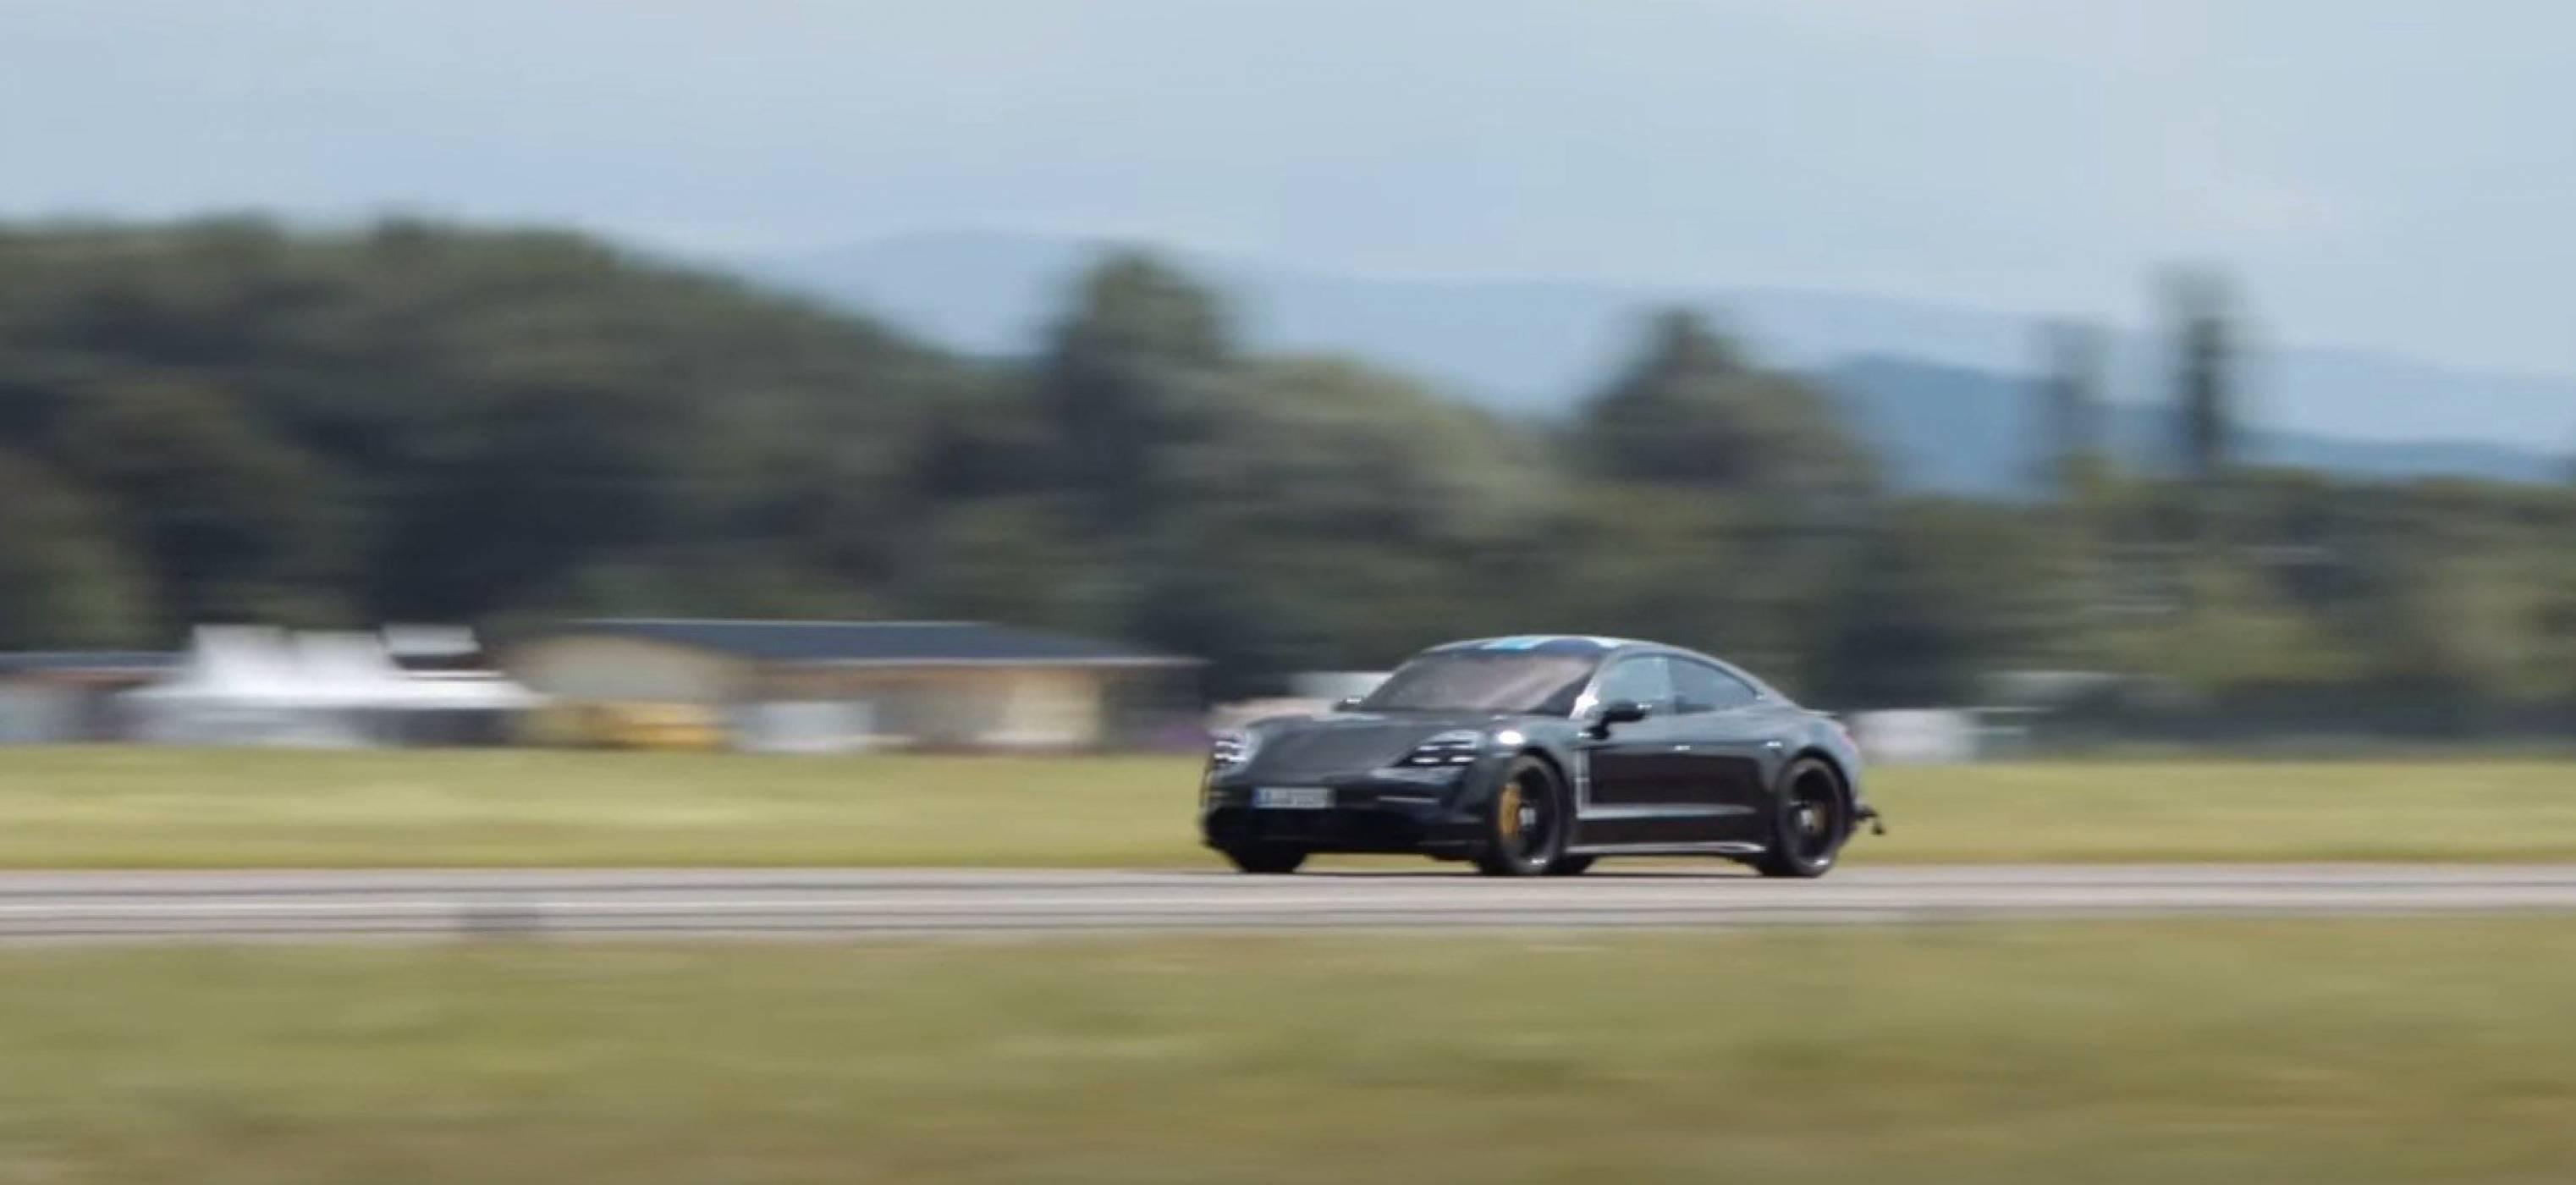 Вижте как Porsche Taycan прави това, което Teslа не може (ВИДЕО)